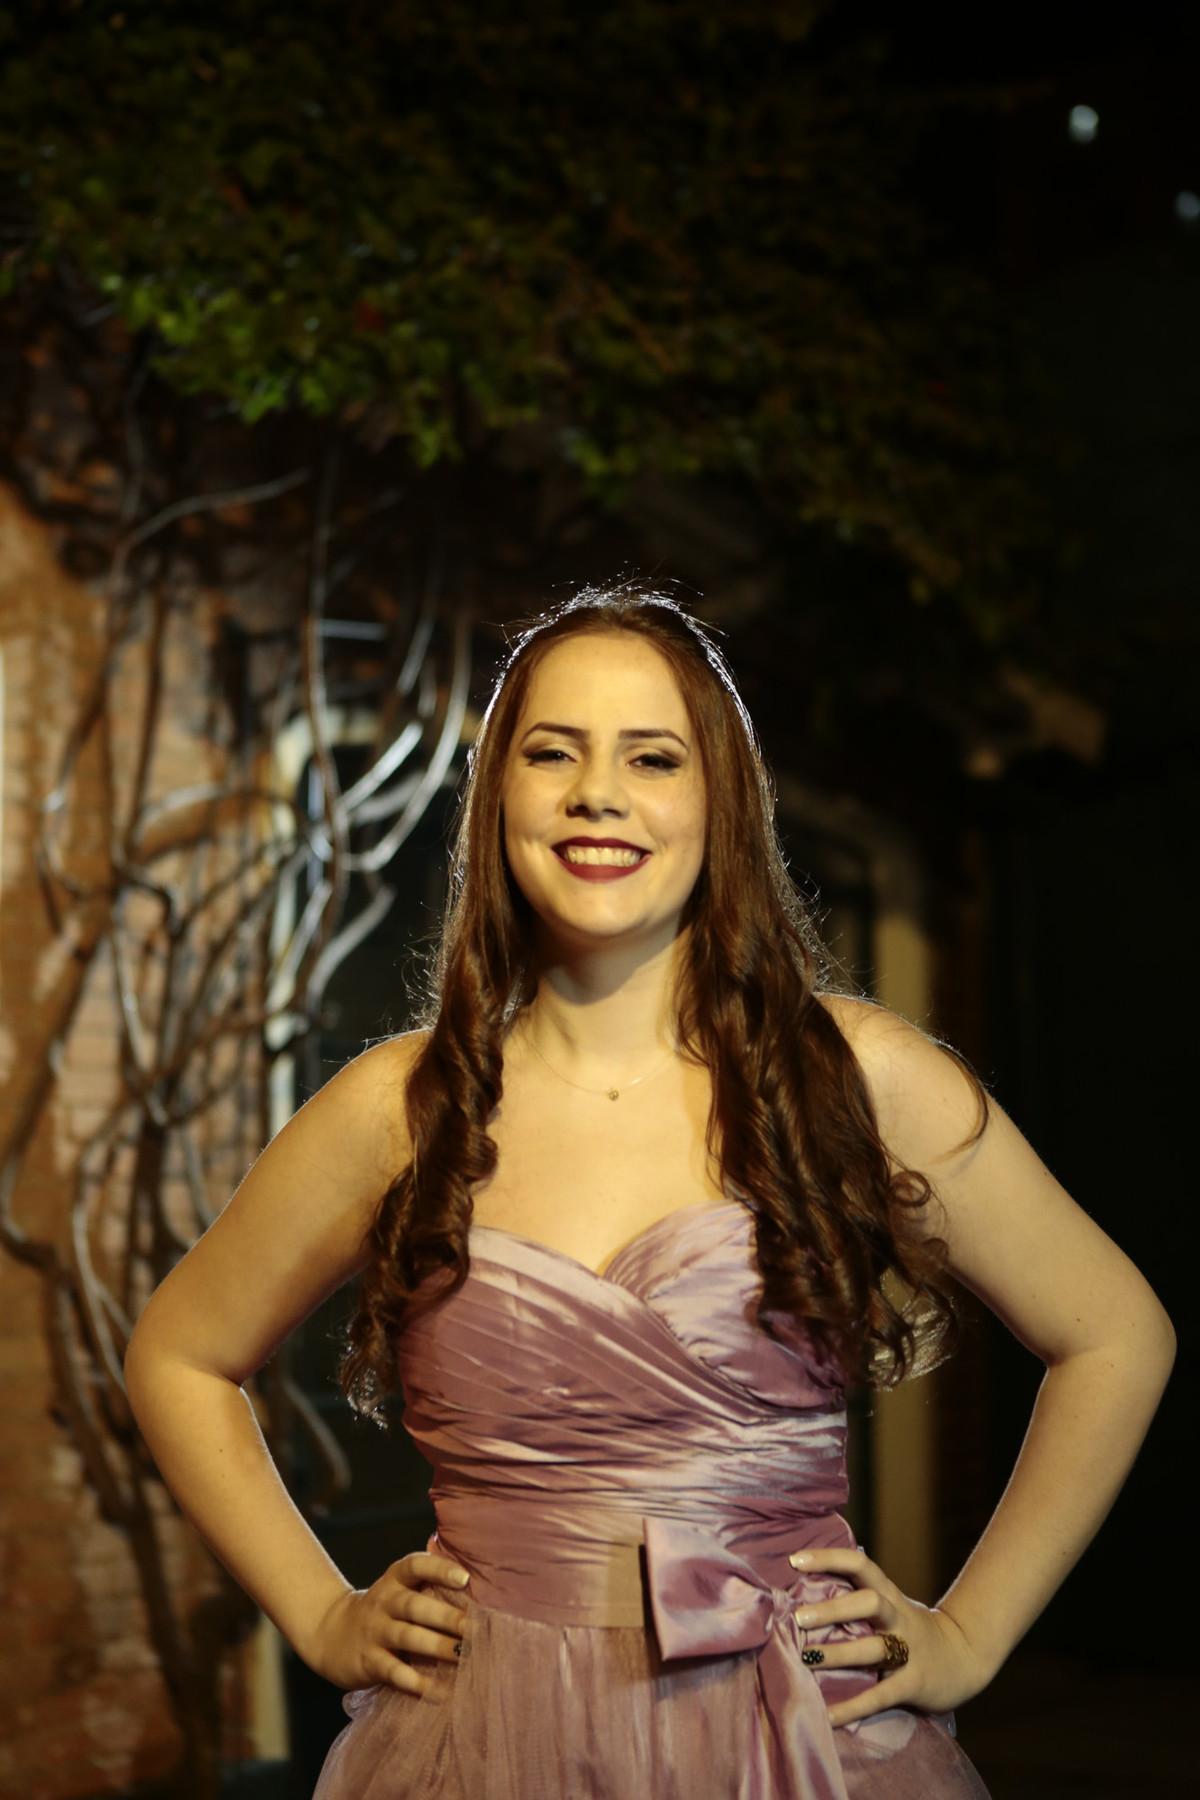 fotografias de Aniversário da Fernanda D'avila no buffet grande ville